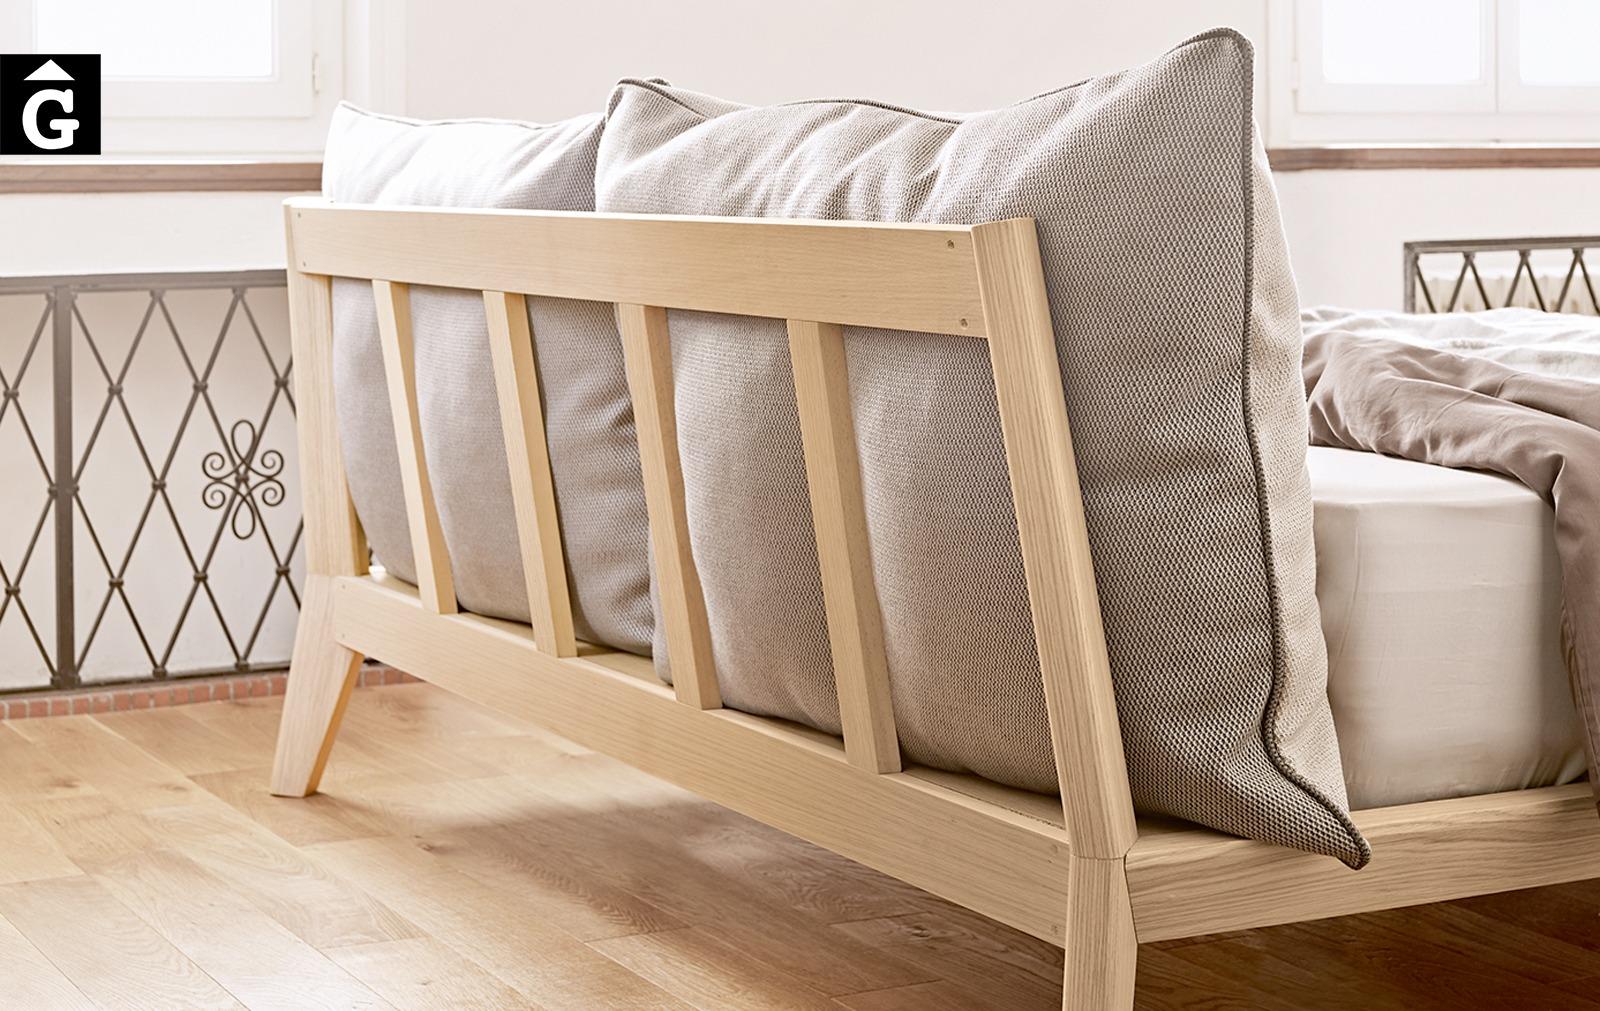 Llit Bora detall darrera capçal Treku Home selecció Gifreu mobles